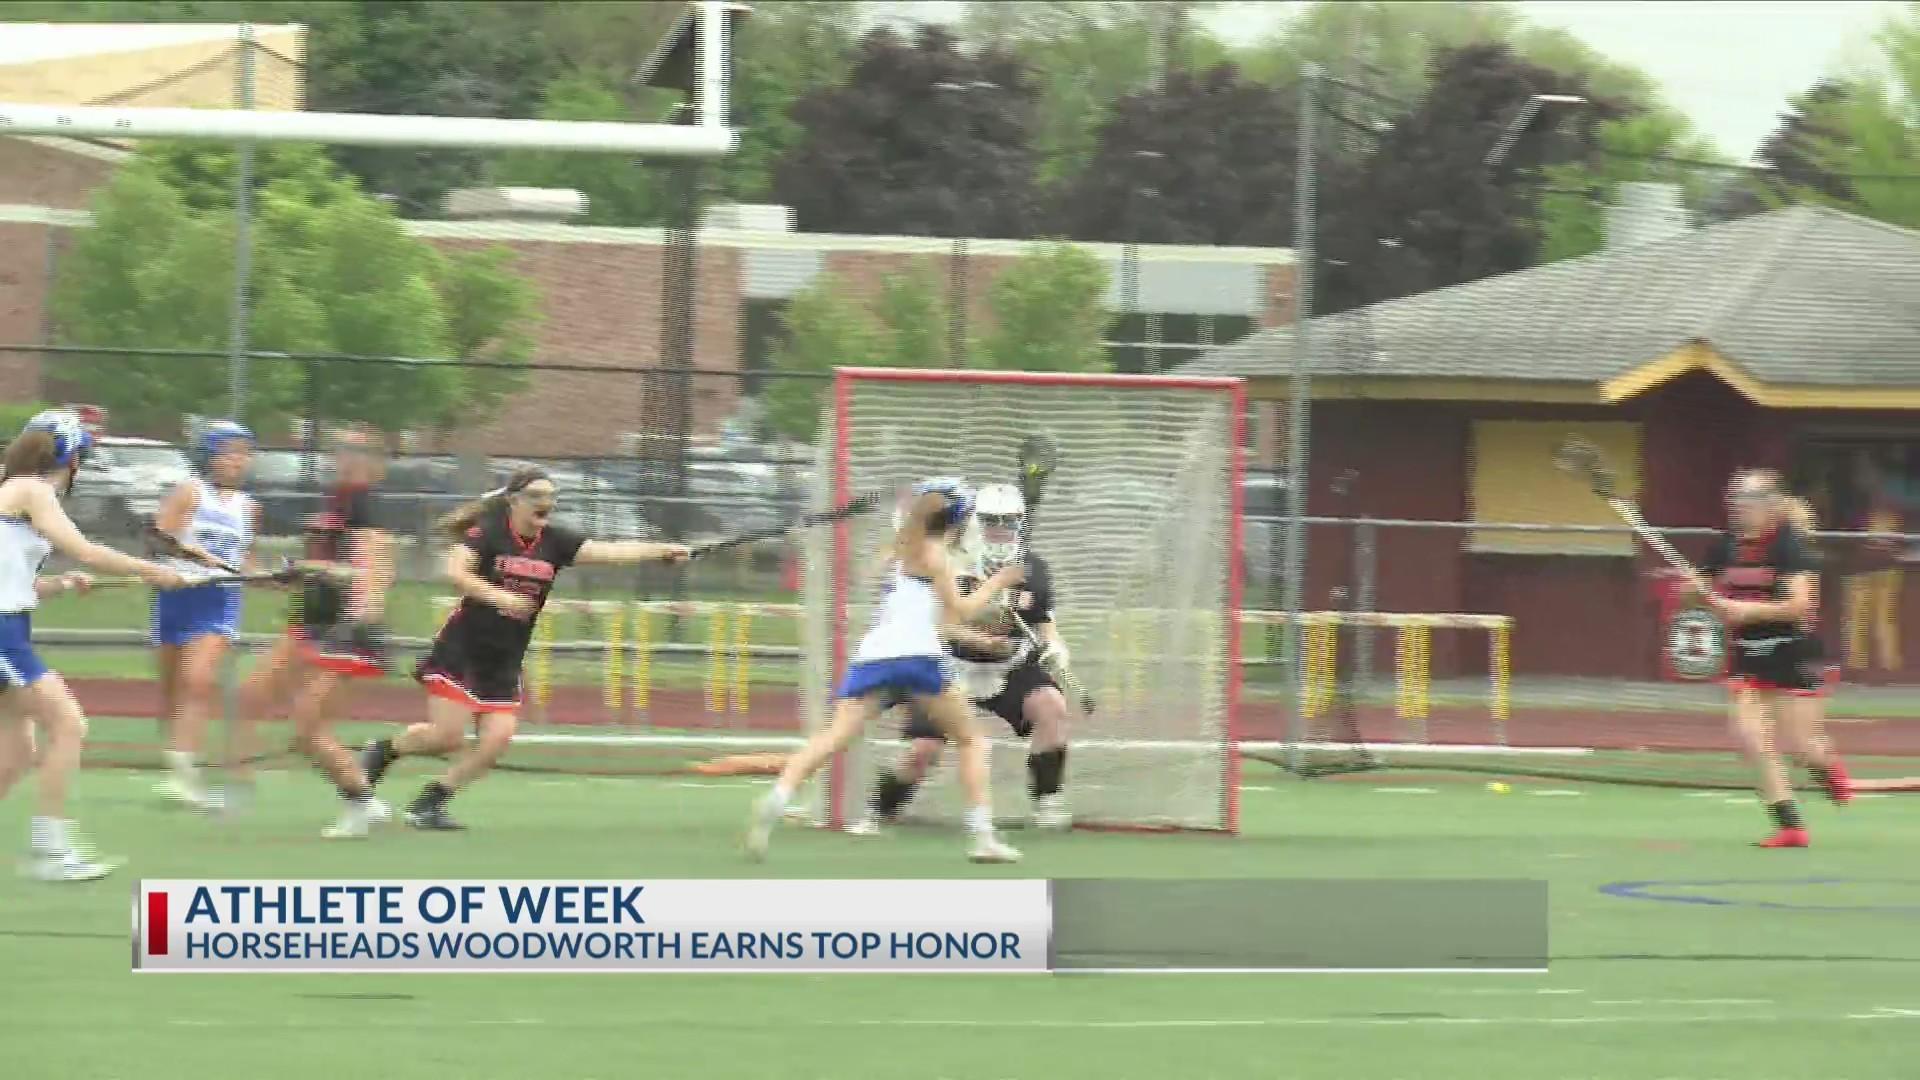 Athlete of the Week: McKenna Woodworth